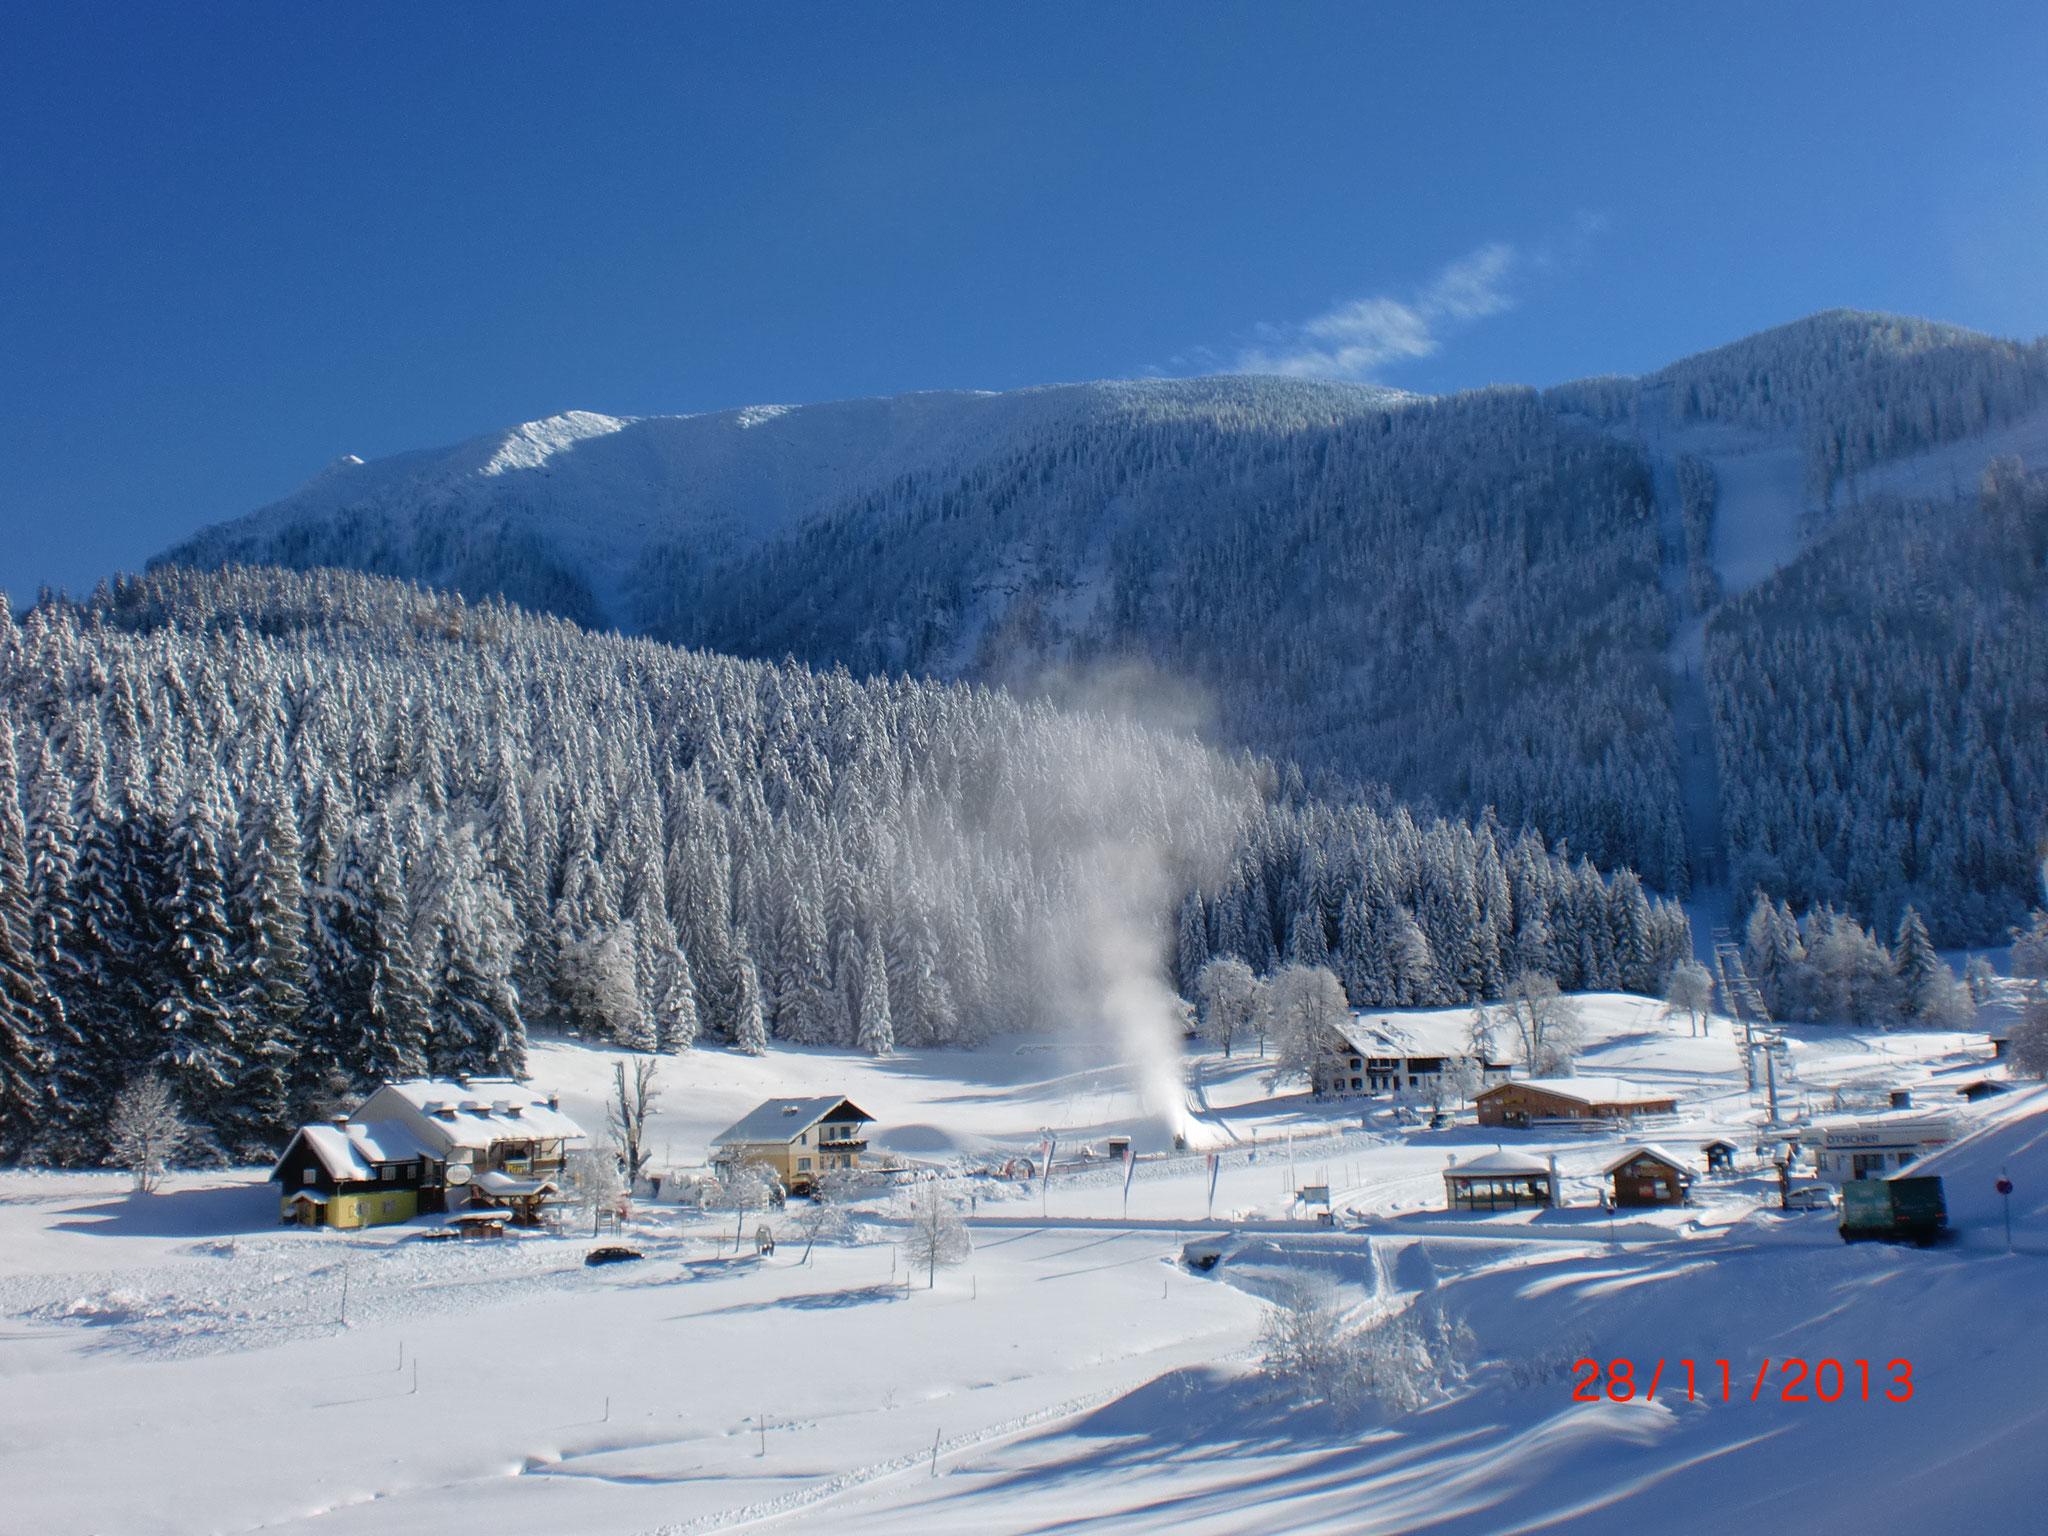 Herrliche Winterlandschaft direkt am Fuße des Ötschers